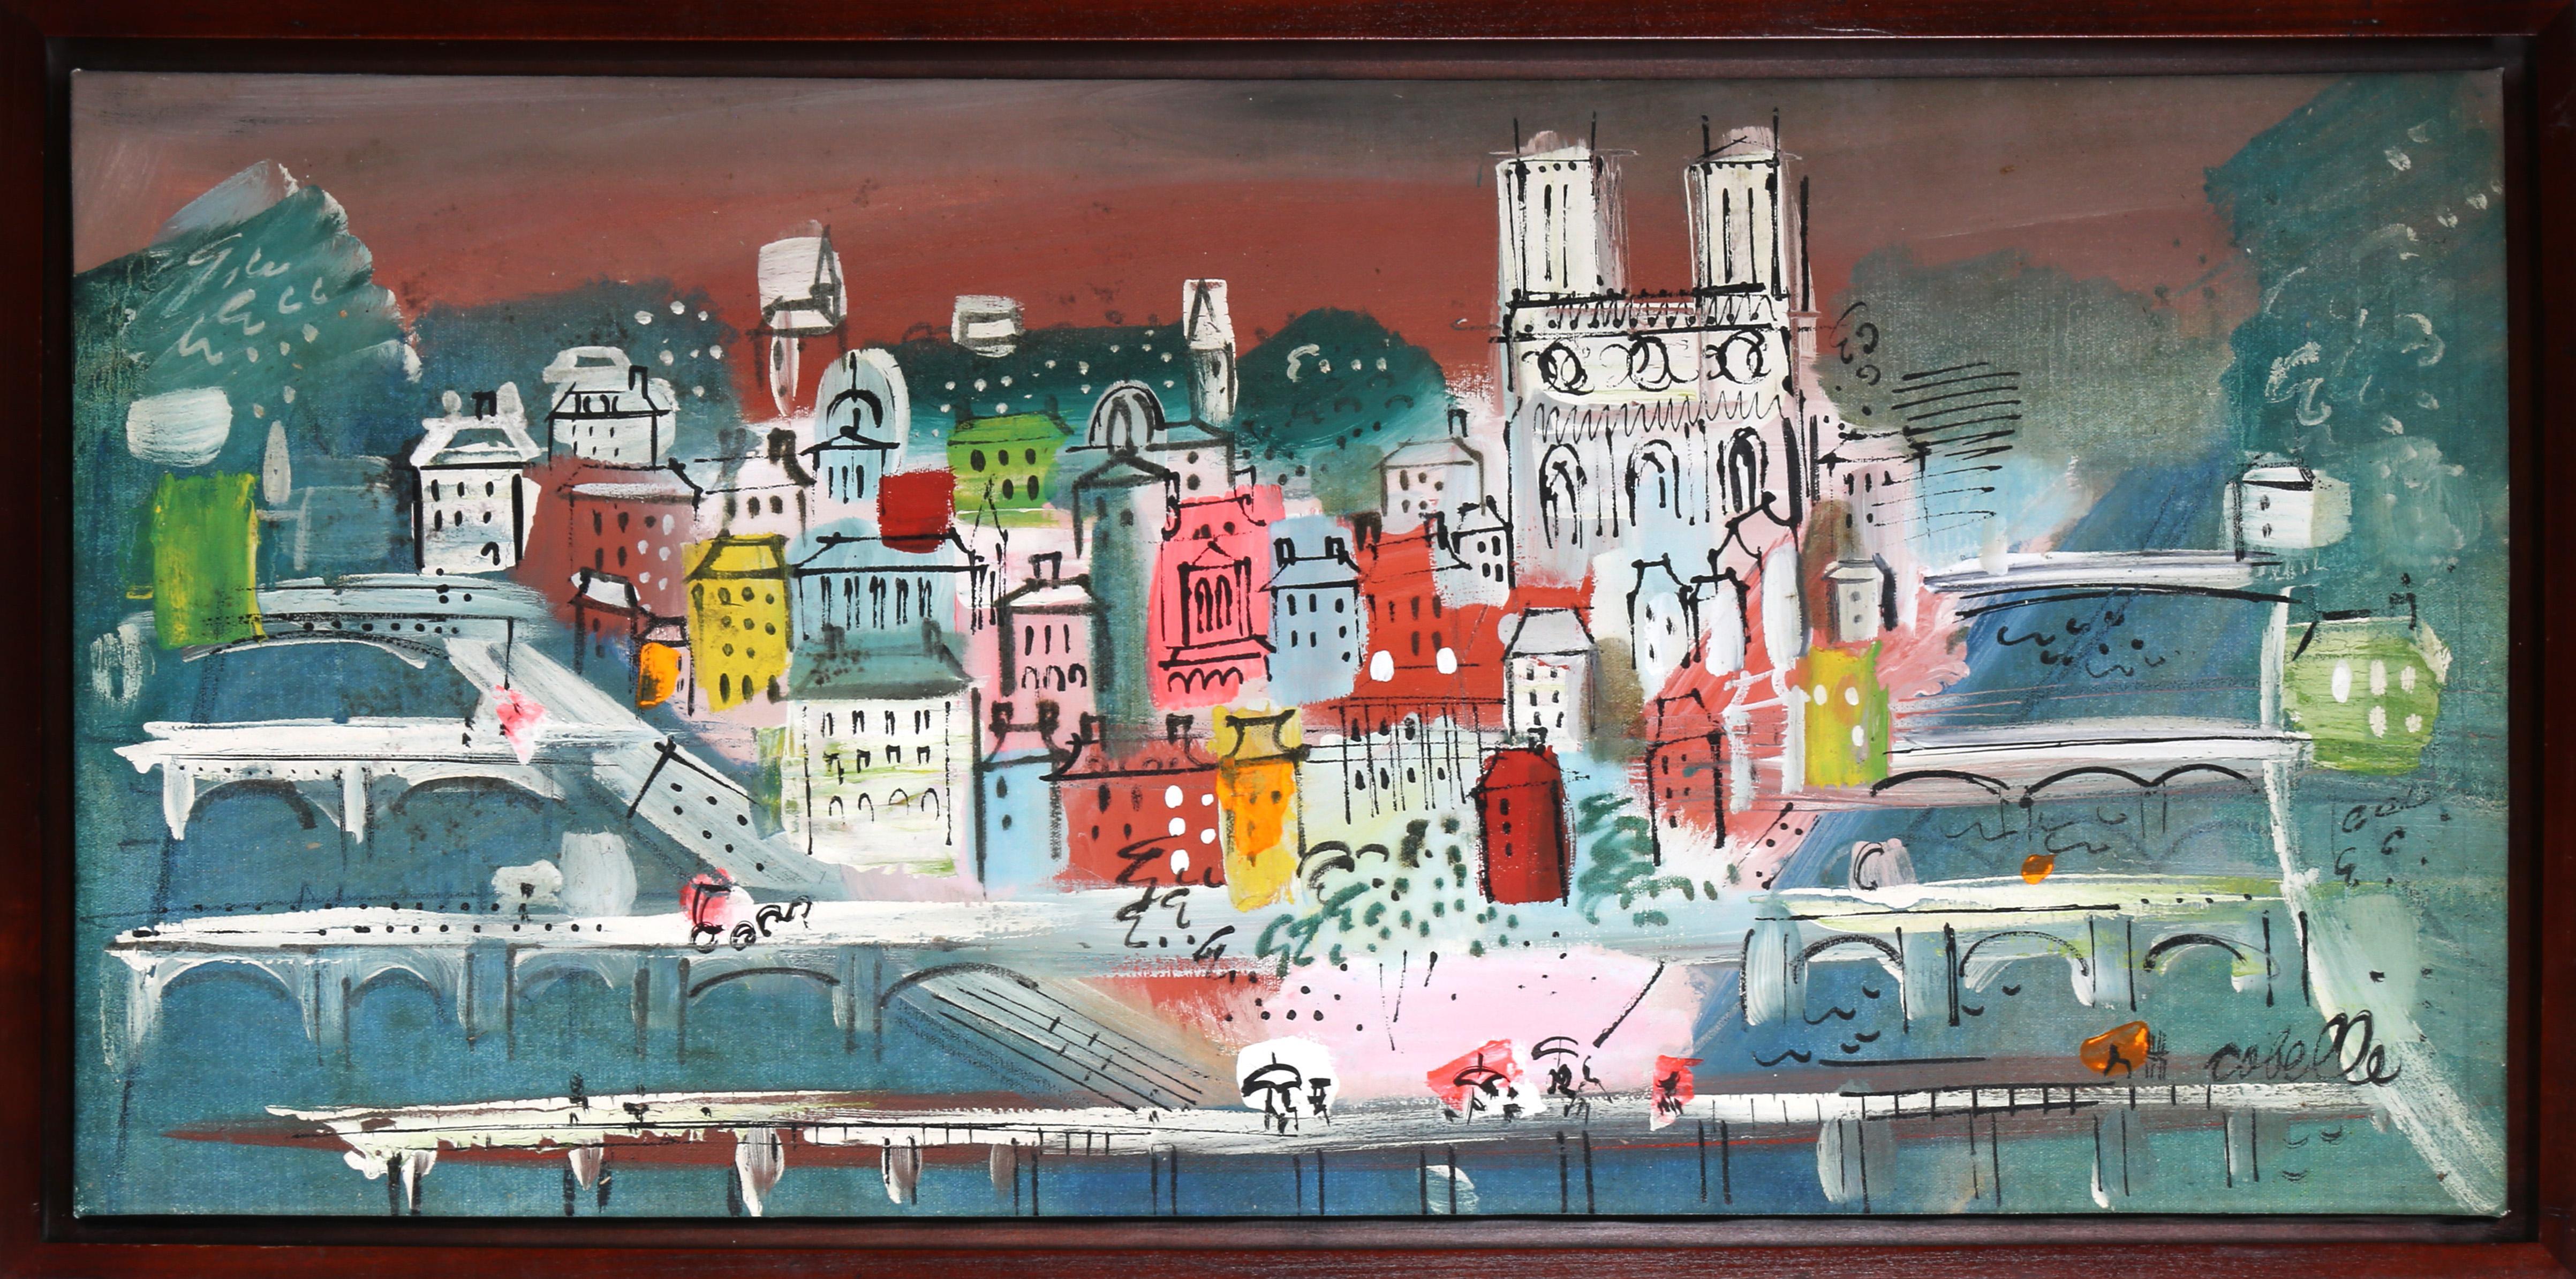 Paris Bridges, Painting by Charles Cobelle